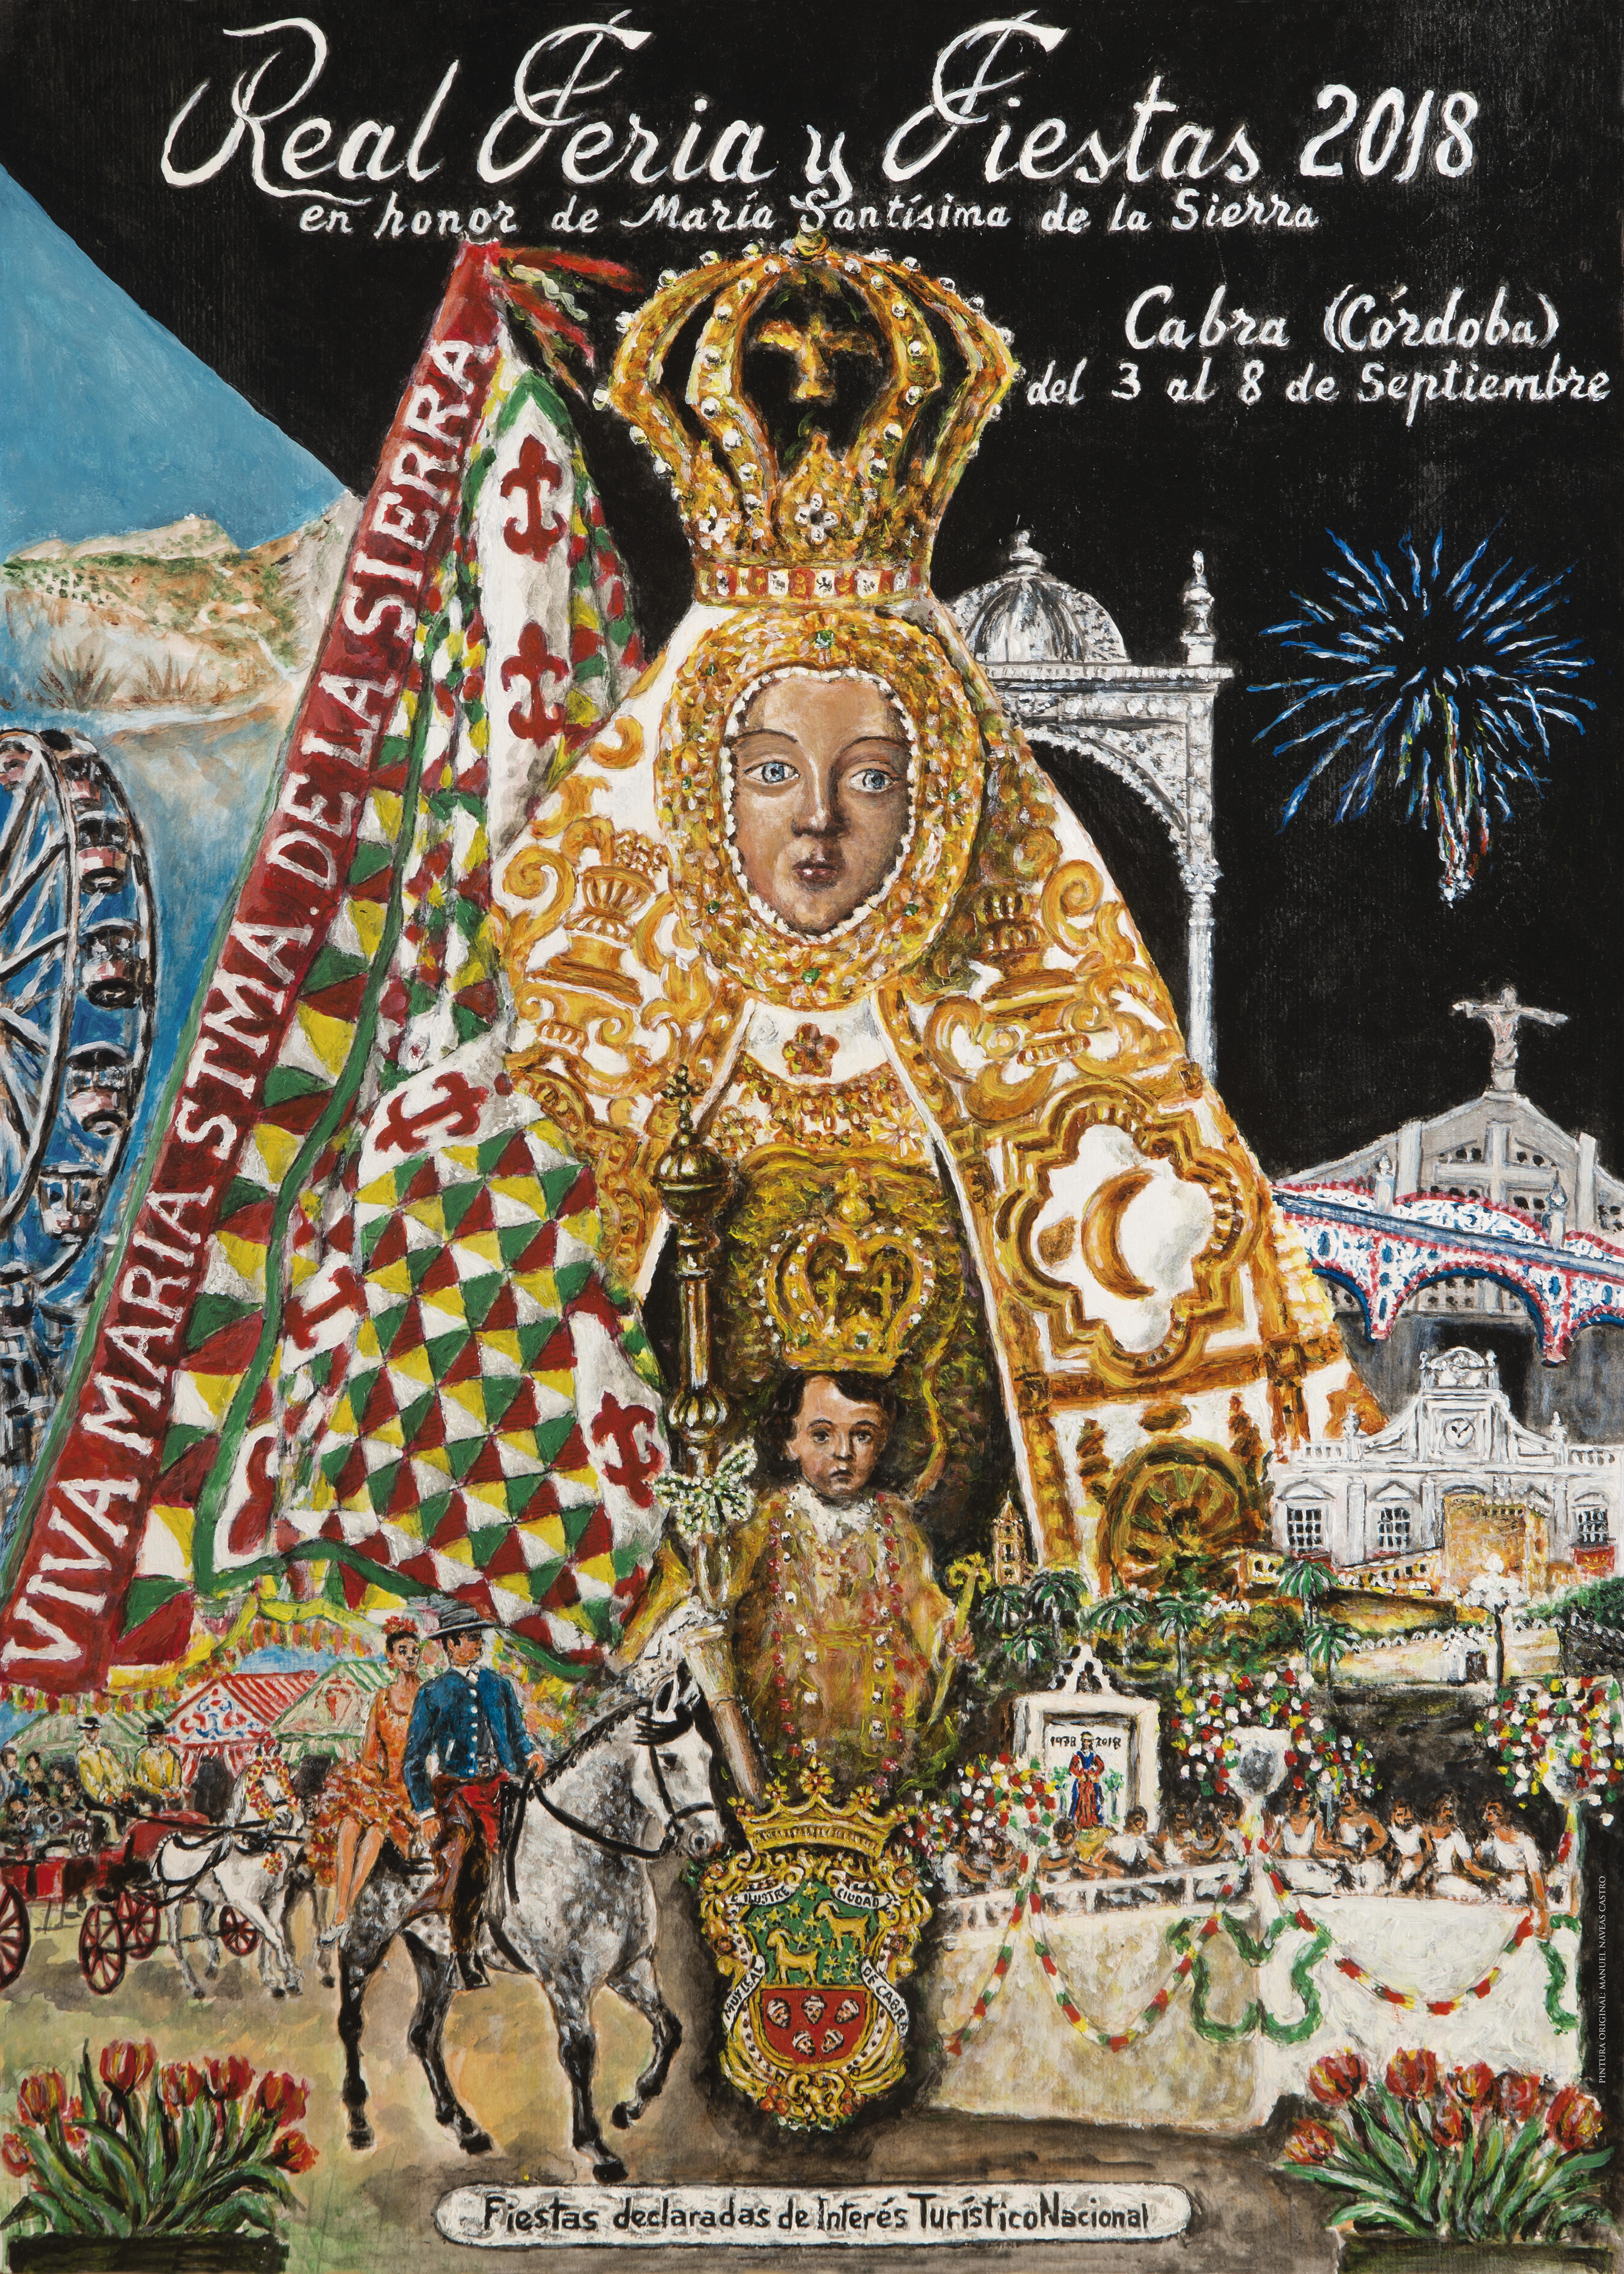 Presentado el programa oficial de la Feria y Fiestas de Septiembre